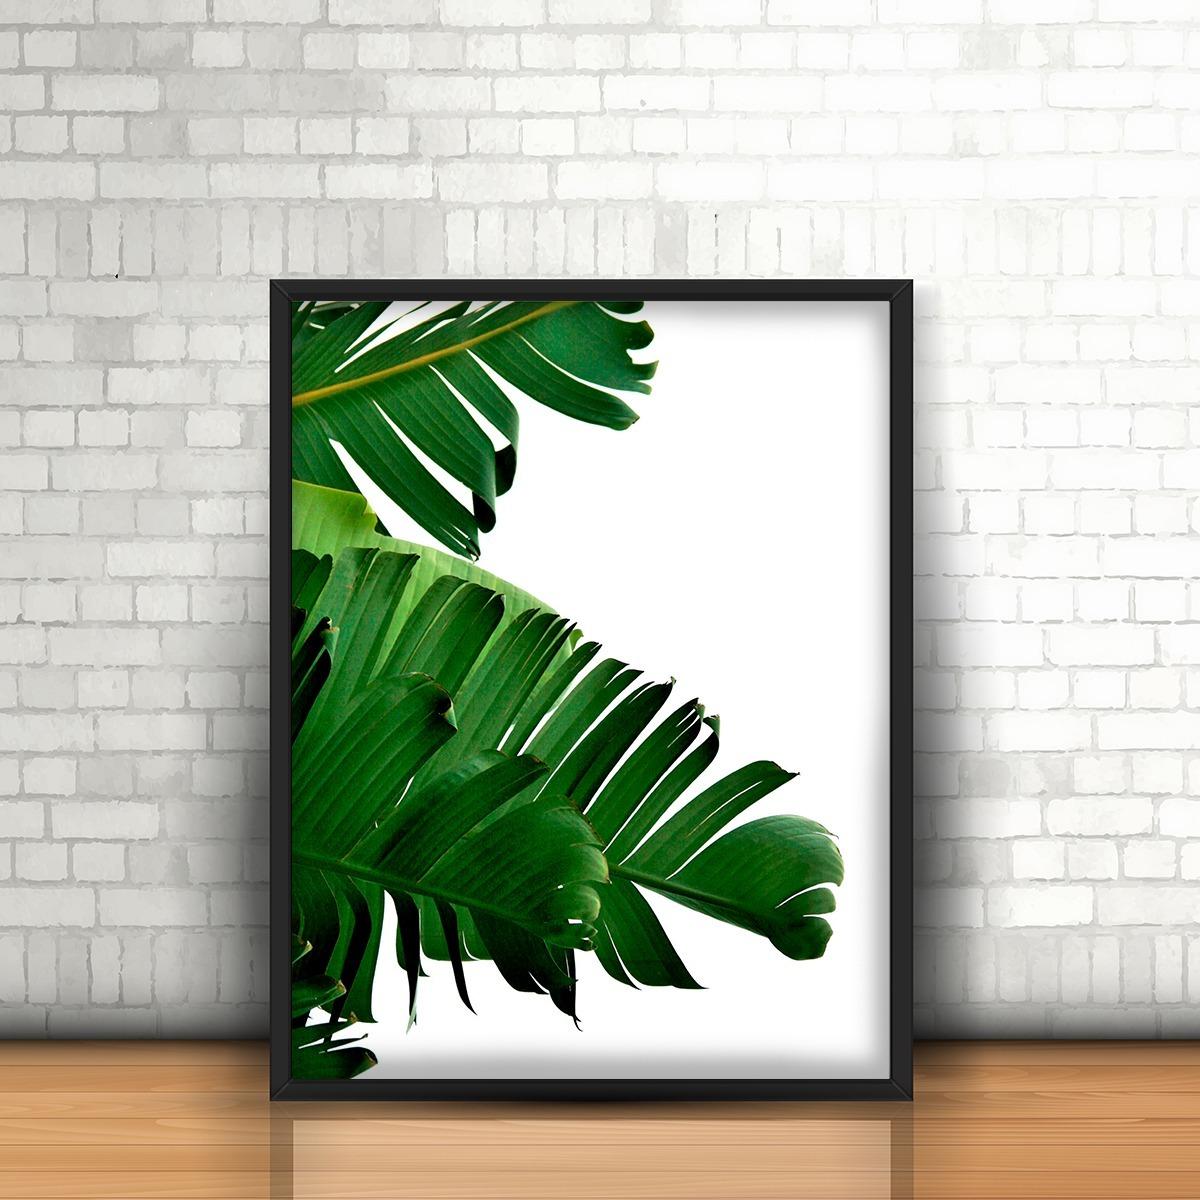 Cuadros Con Marco Y Vidrio. Hojas. Verde. Plantas. 30x40cm - $ 445 ...